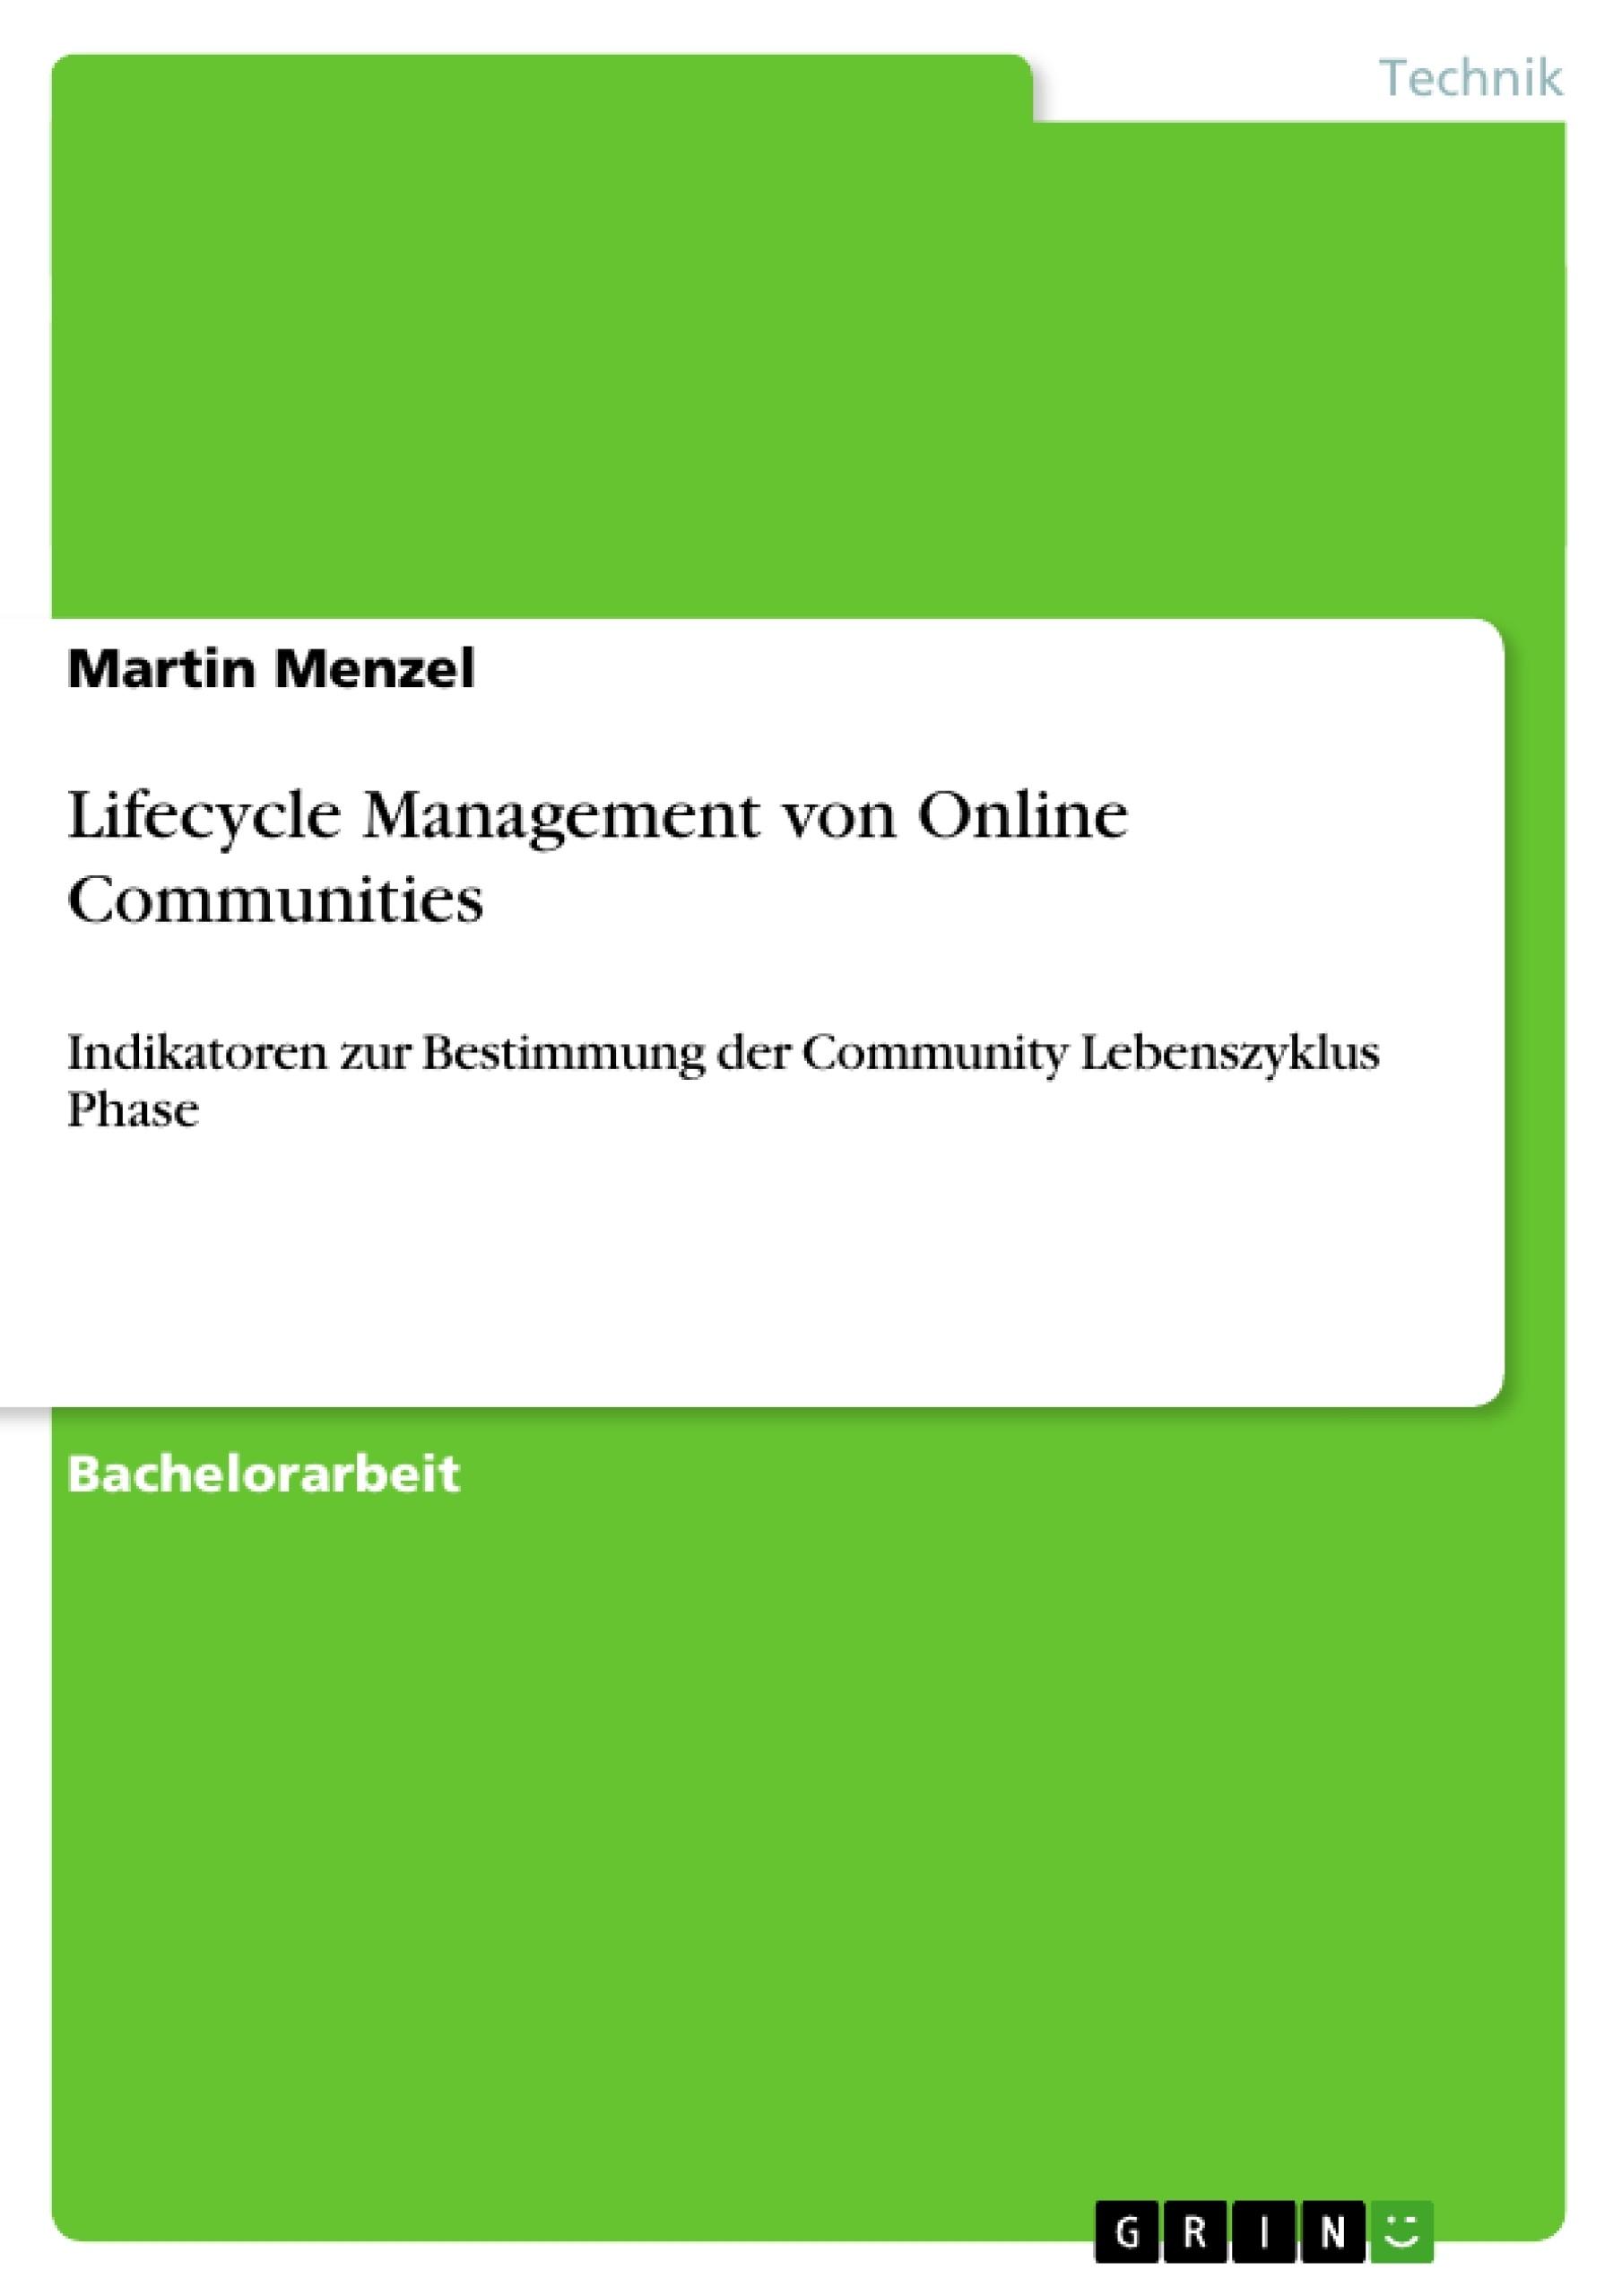 Titel: Lifecycle Management von Online Communities